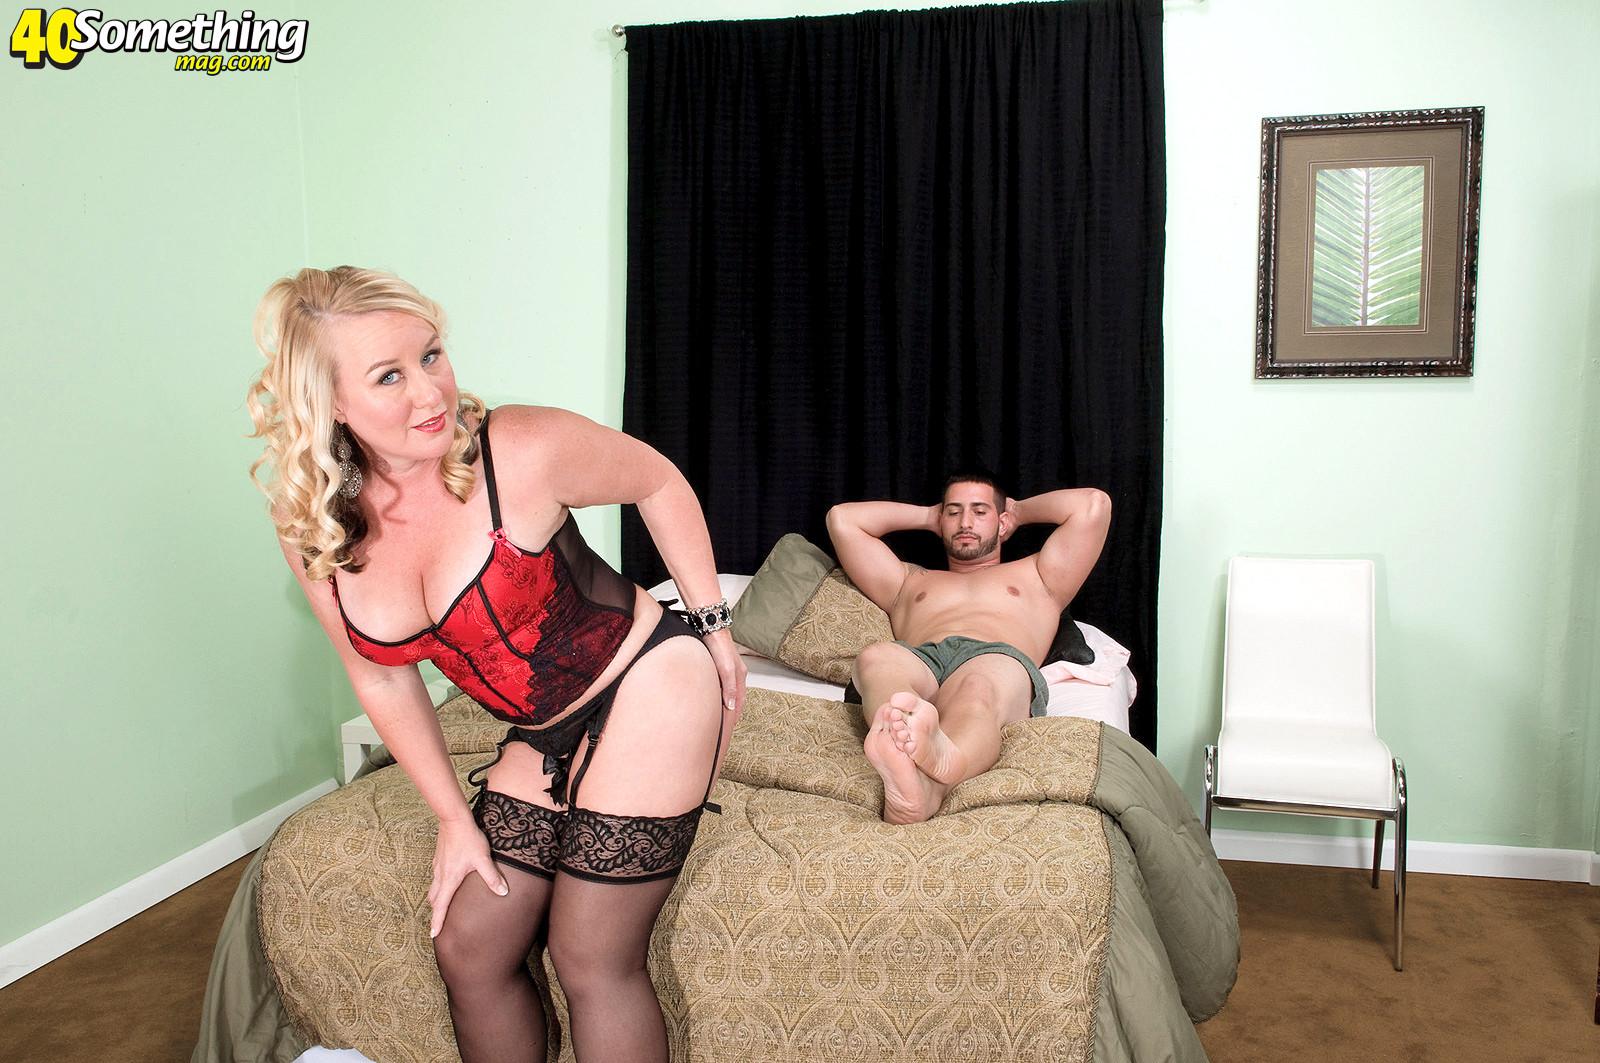 Зрелая блонда заглянула в гости к другу с самого утра, когда у него в трусах классный стояк